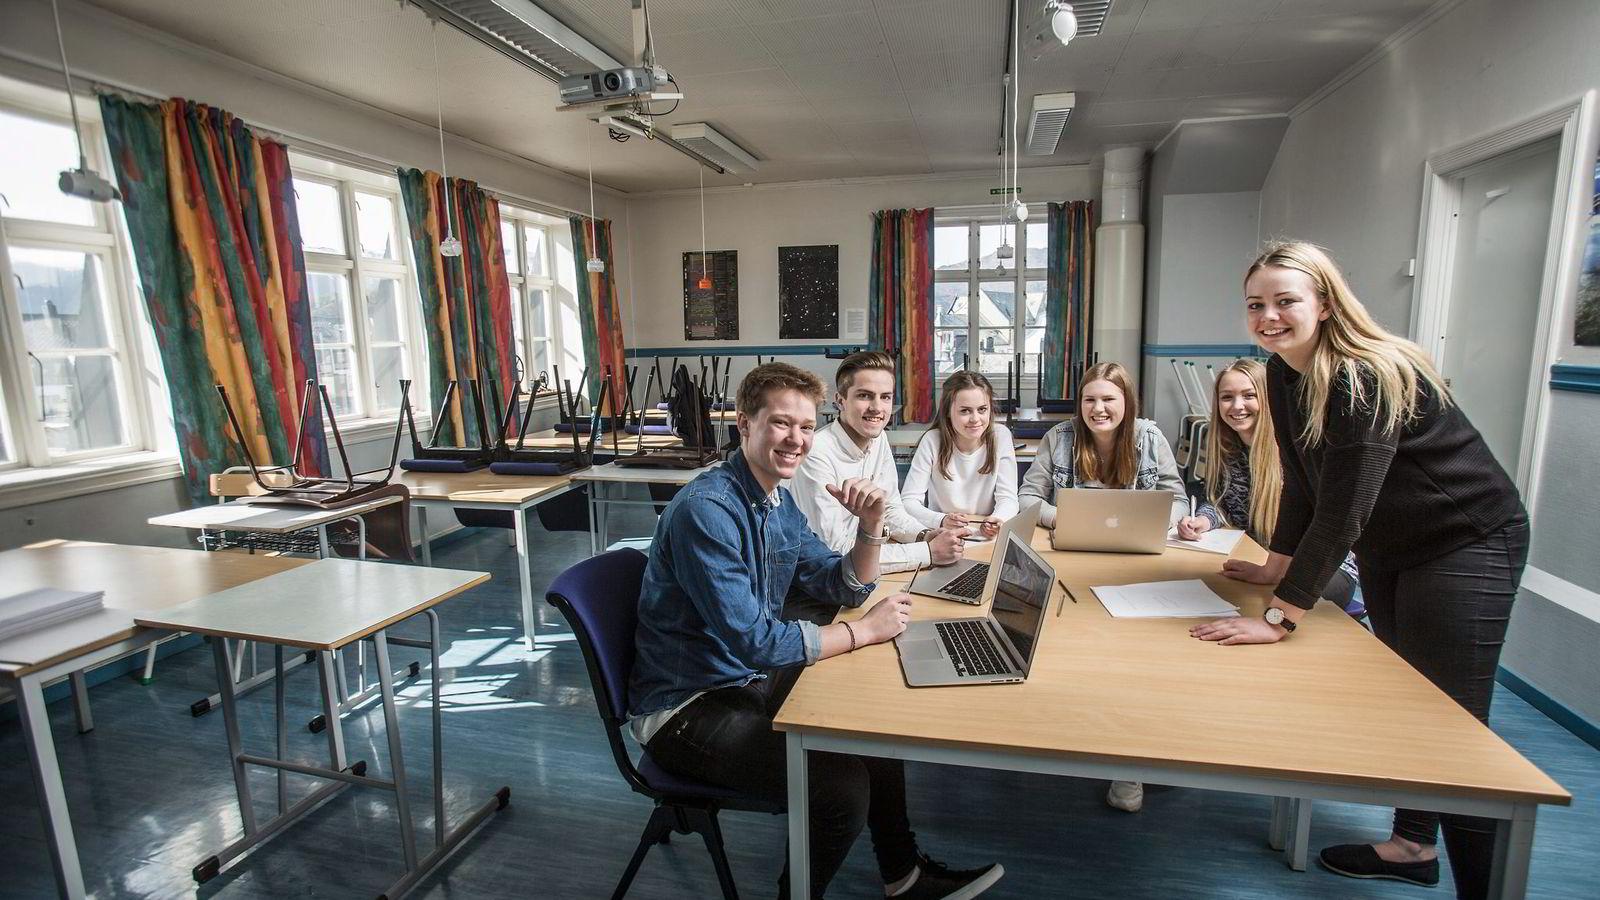 Håkon Avseth (fra venstre), Lennart Alnes, Lea Kristine Skrede, Malin Vedde, Solveig Bårdsnes og Reidun Eik Dyrkorn holder foredrag for foreldre om prestasjonspress.